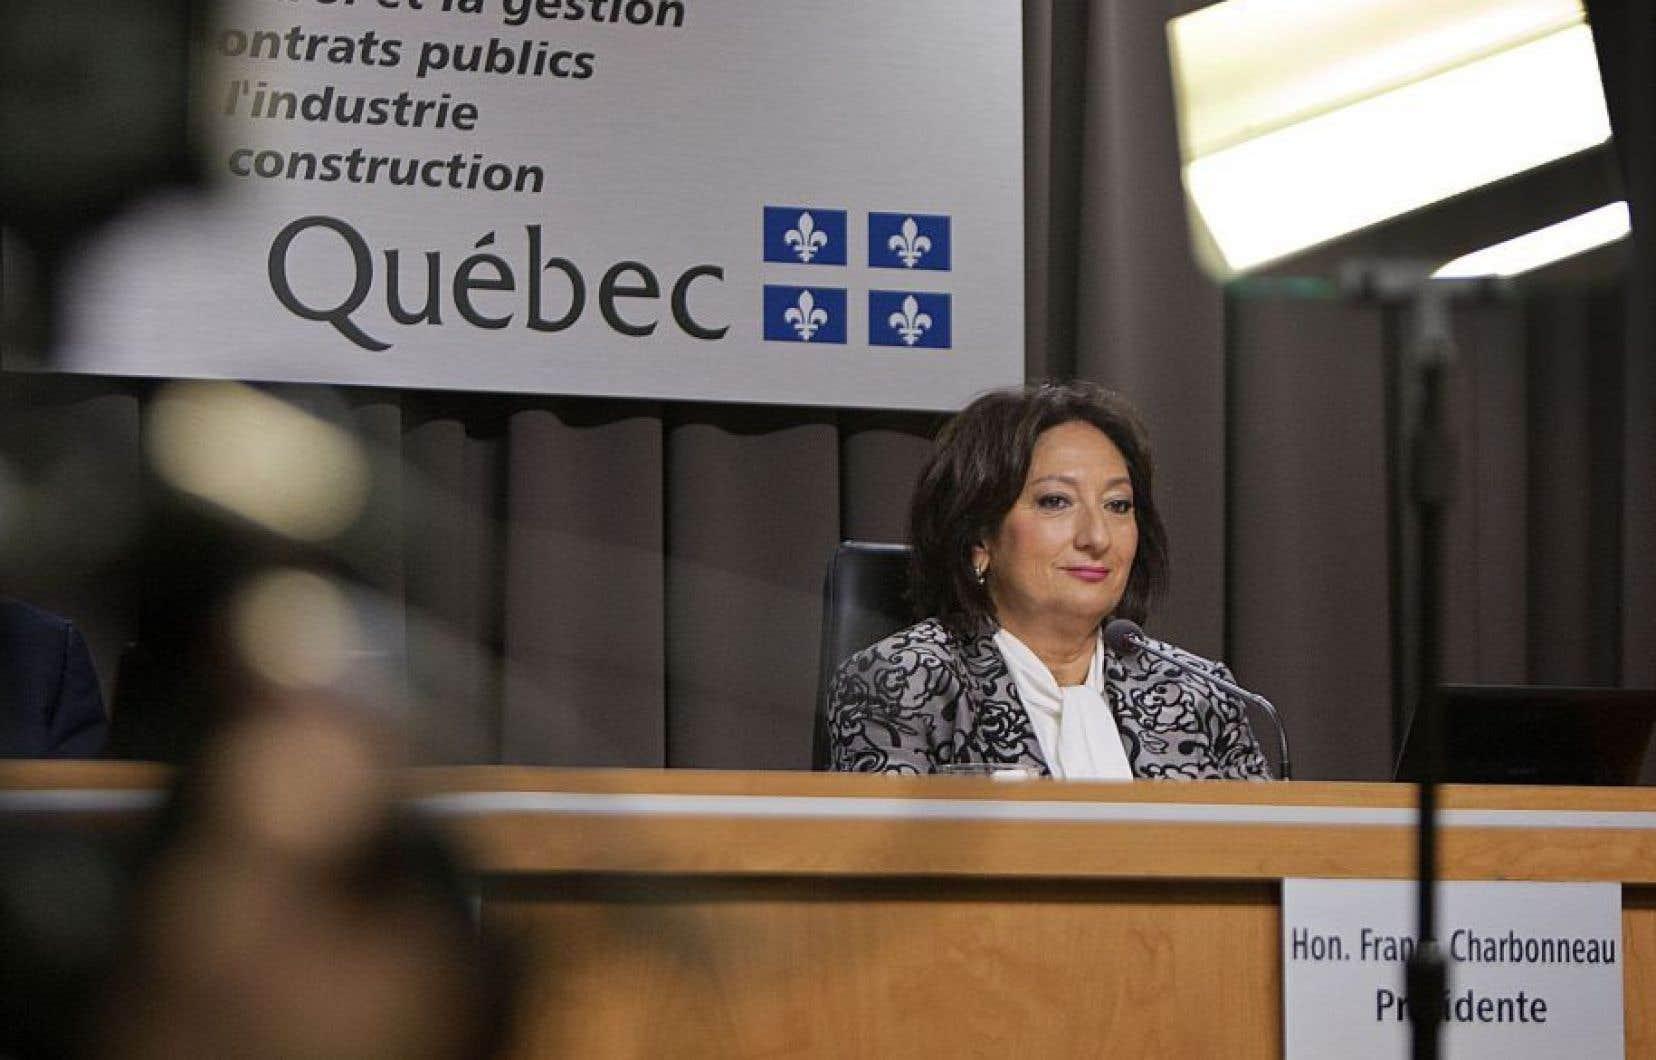 La Commission avait déjà obtenu une prolongation de 18 mois sous le gouvernement Marois, ce qui l'avait hissée au rang de plus longue commission d'enquête de l'histoire du Québec.